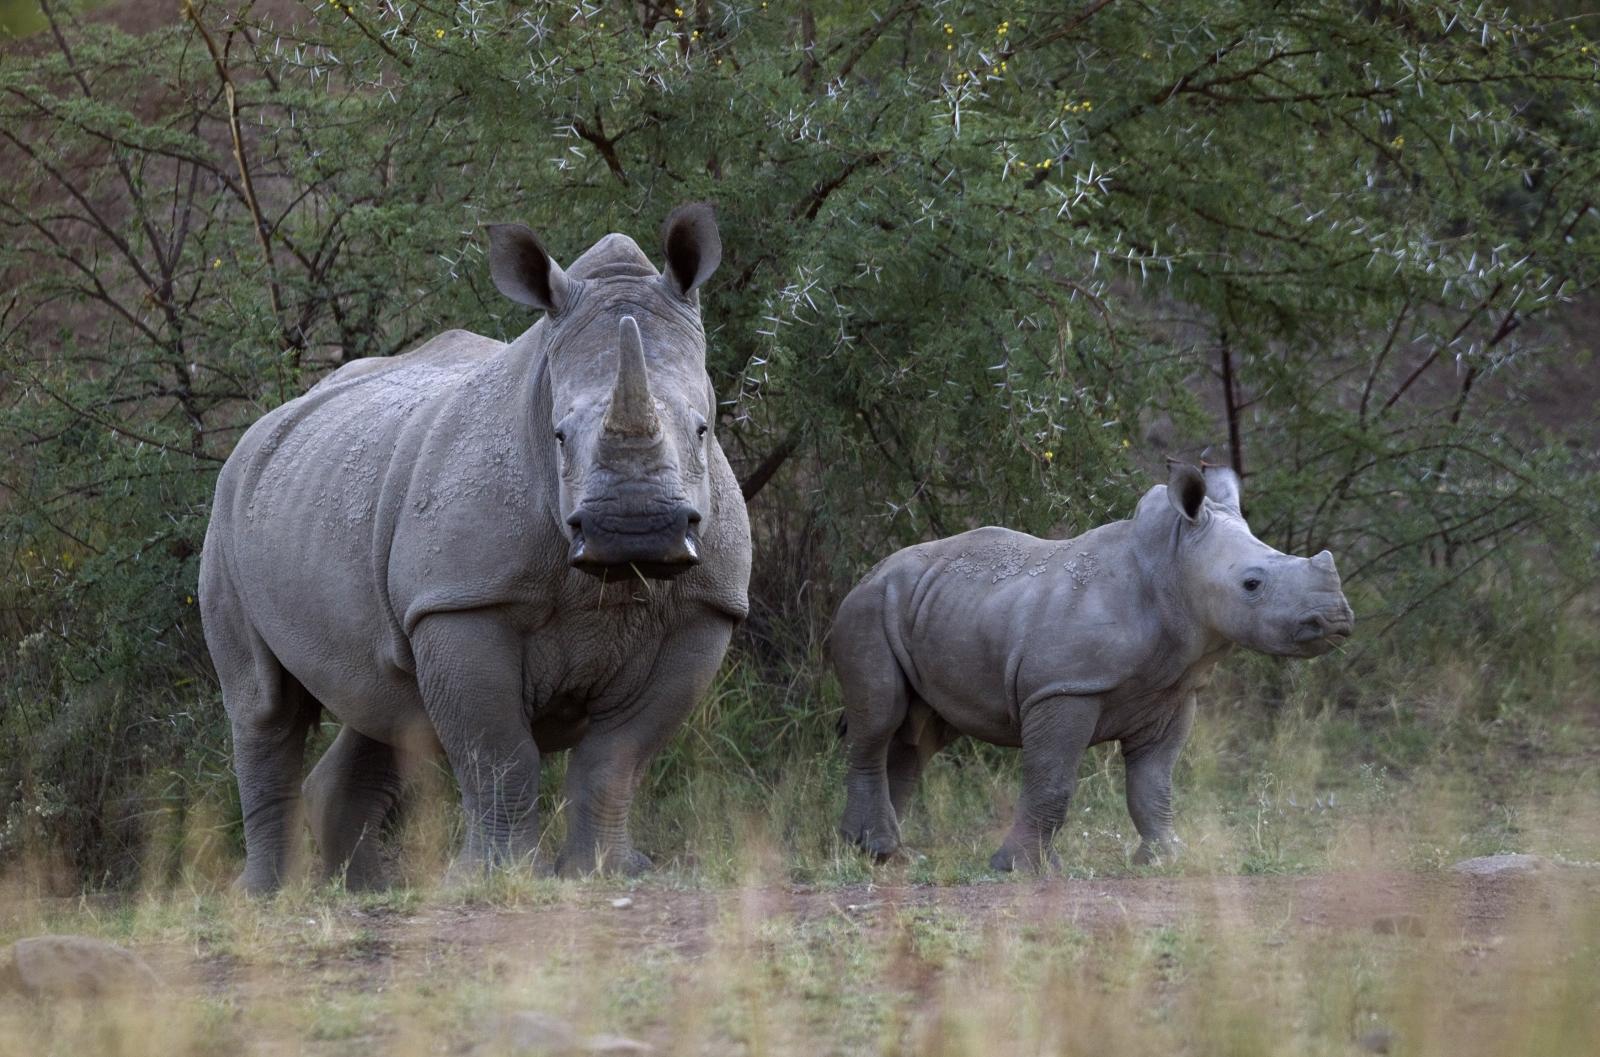 White Rhino and her calf walk